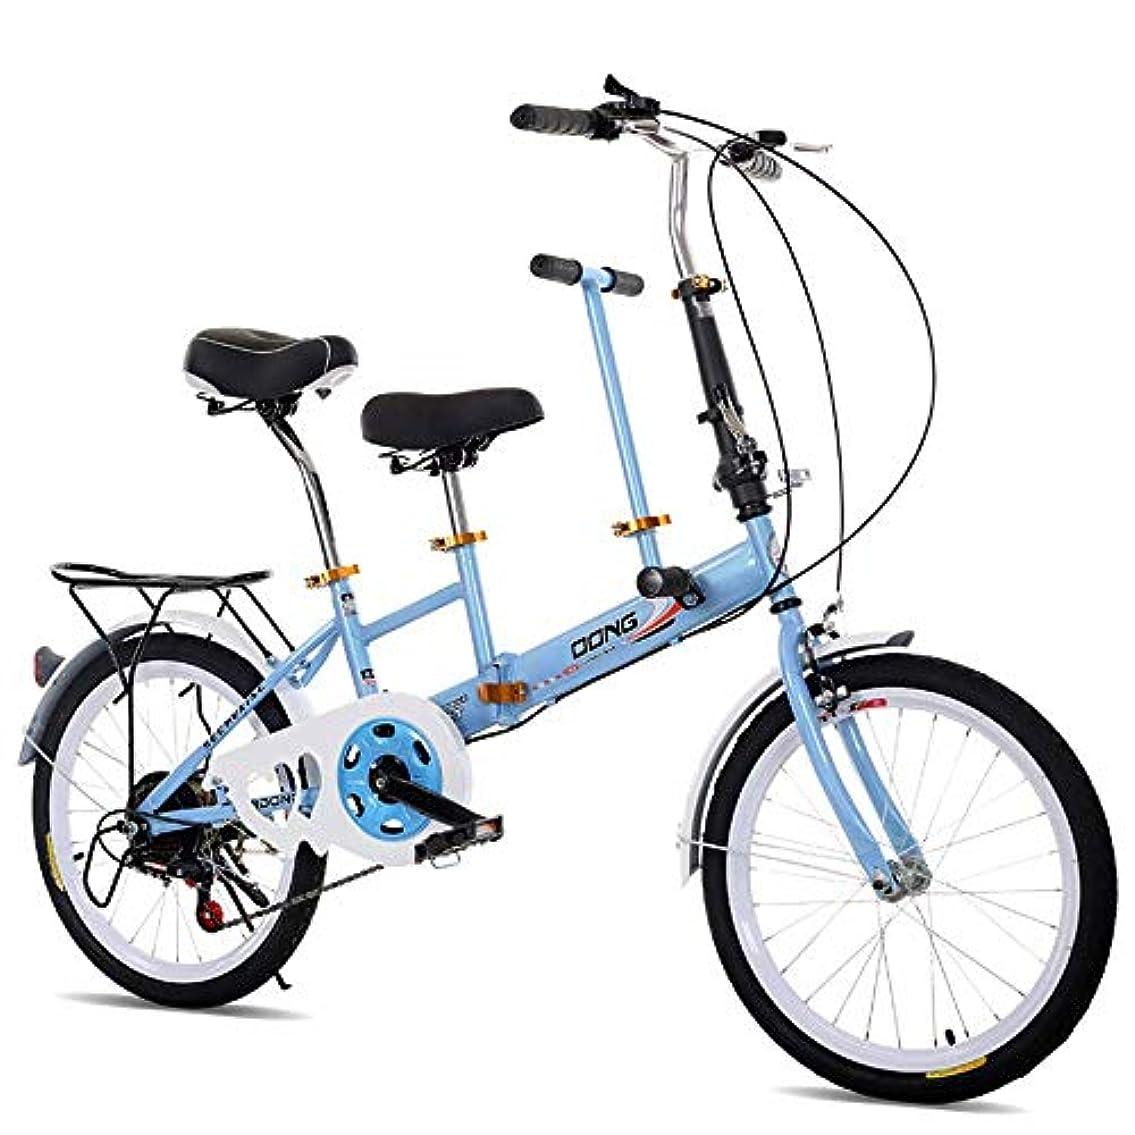 貼り直す独立モロニック母子折りたたみ自転車20インチ超軽量ポータブル小学生キッズ男女大人用自転車チャイルドシート付き,ブルー